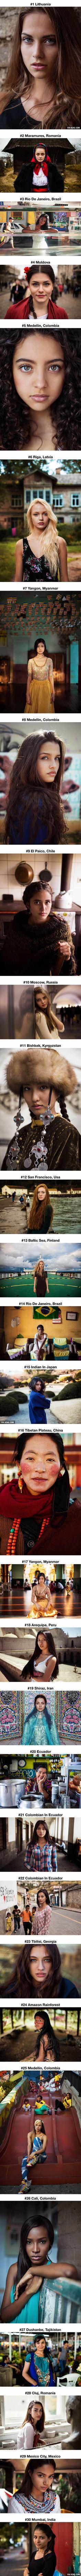 60 fotos de mujeres que demuestran que la belleza está en todas partes